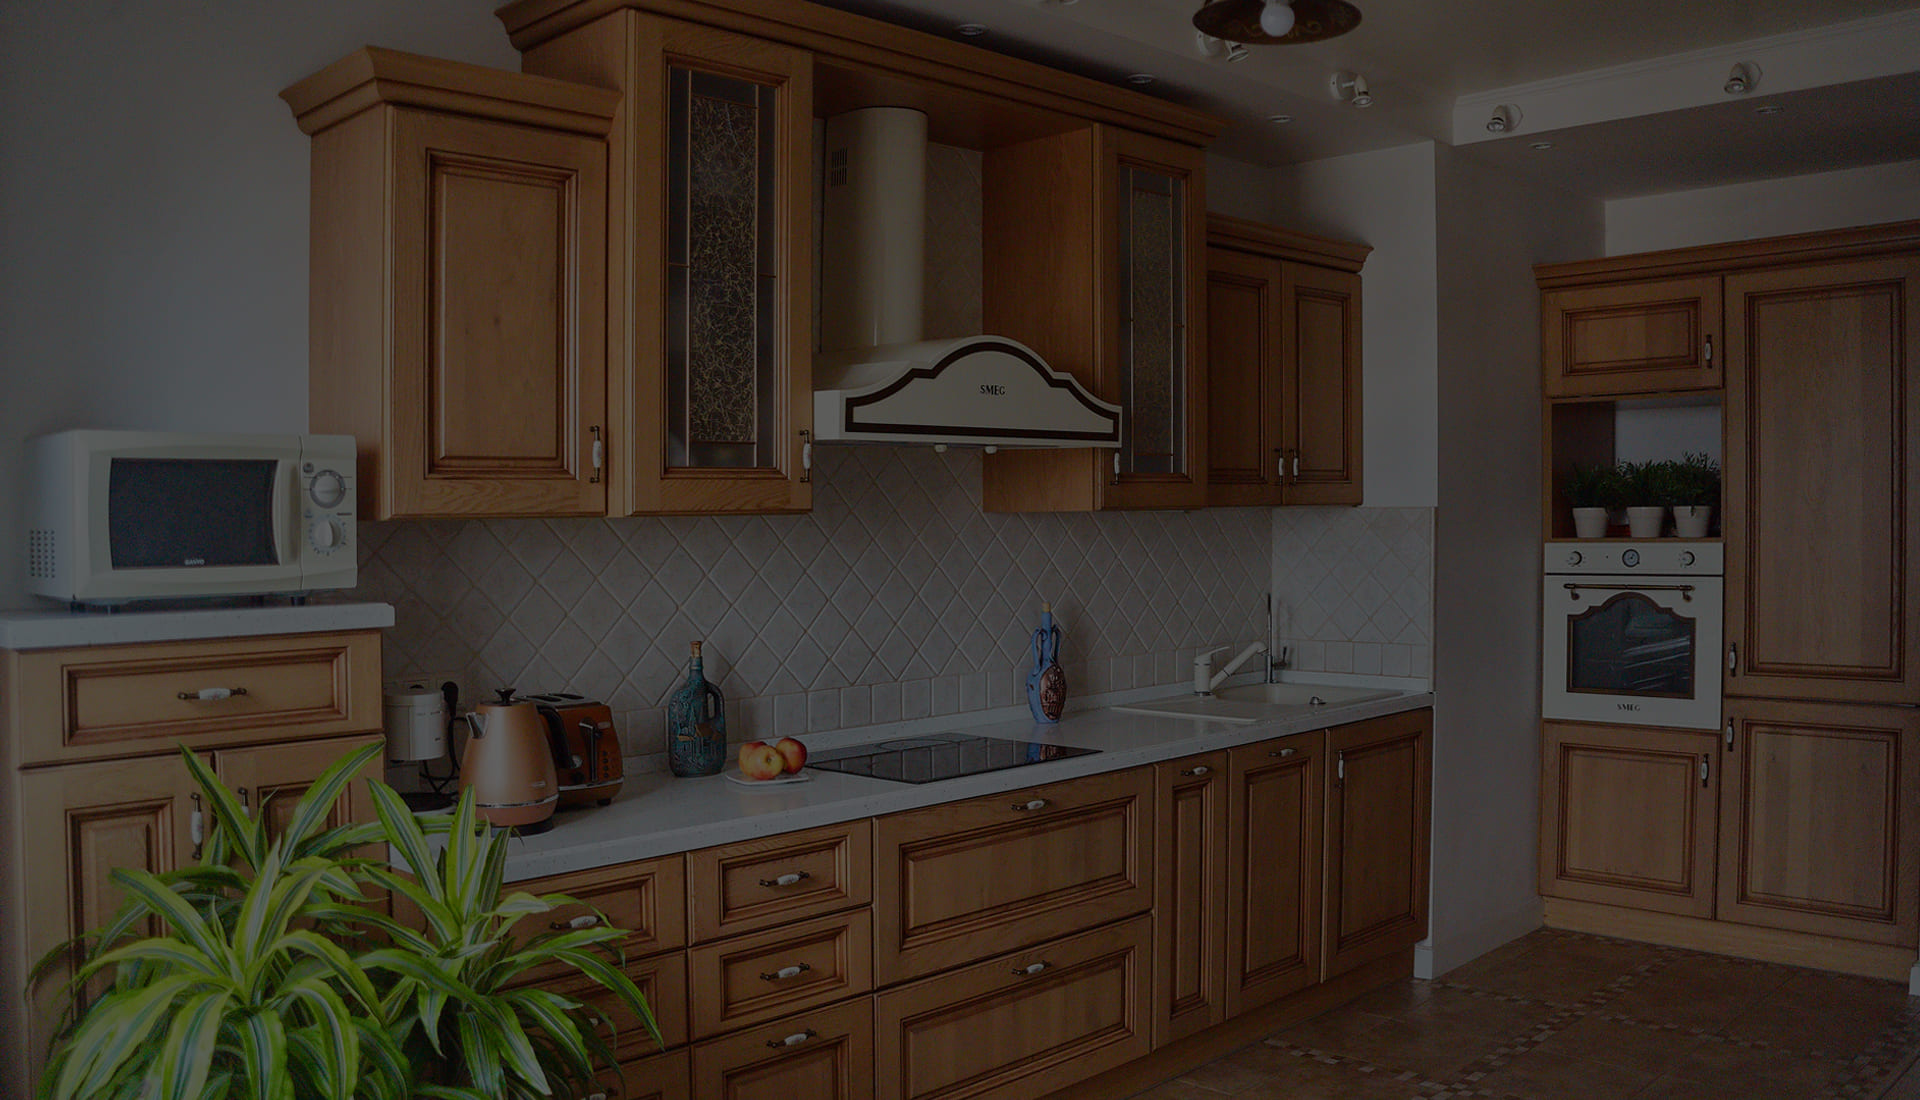 Классическая кухня из массива с каменной столешницей и плиткой